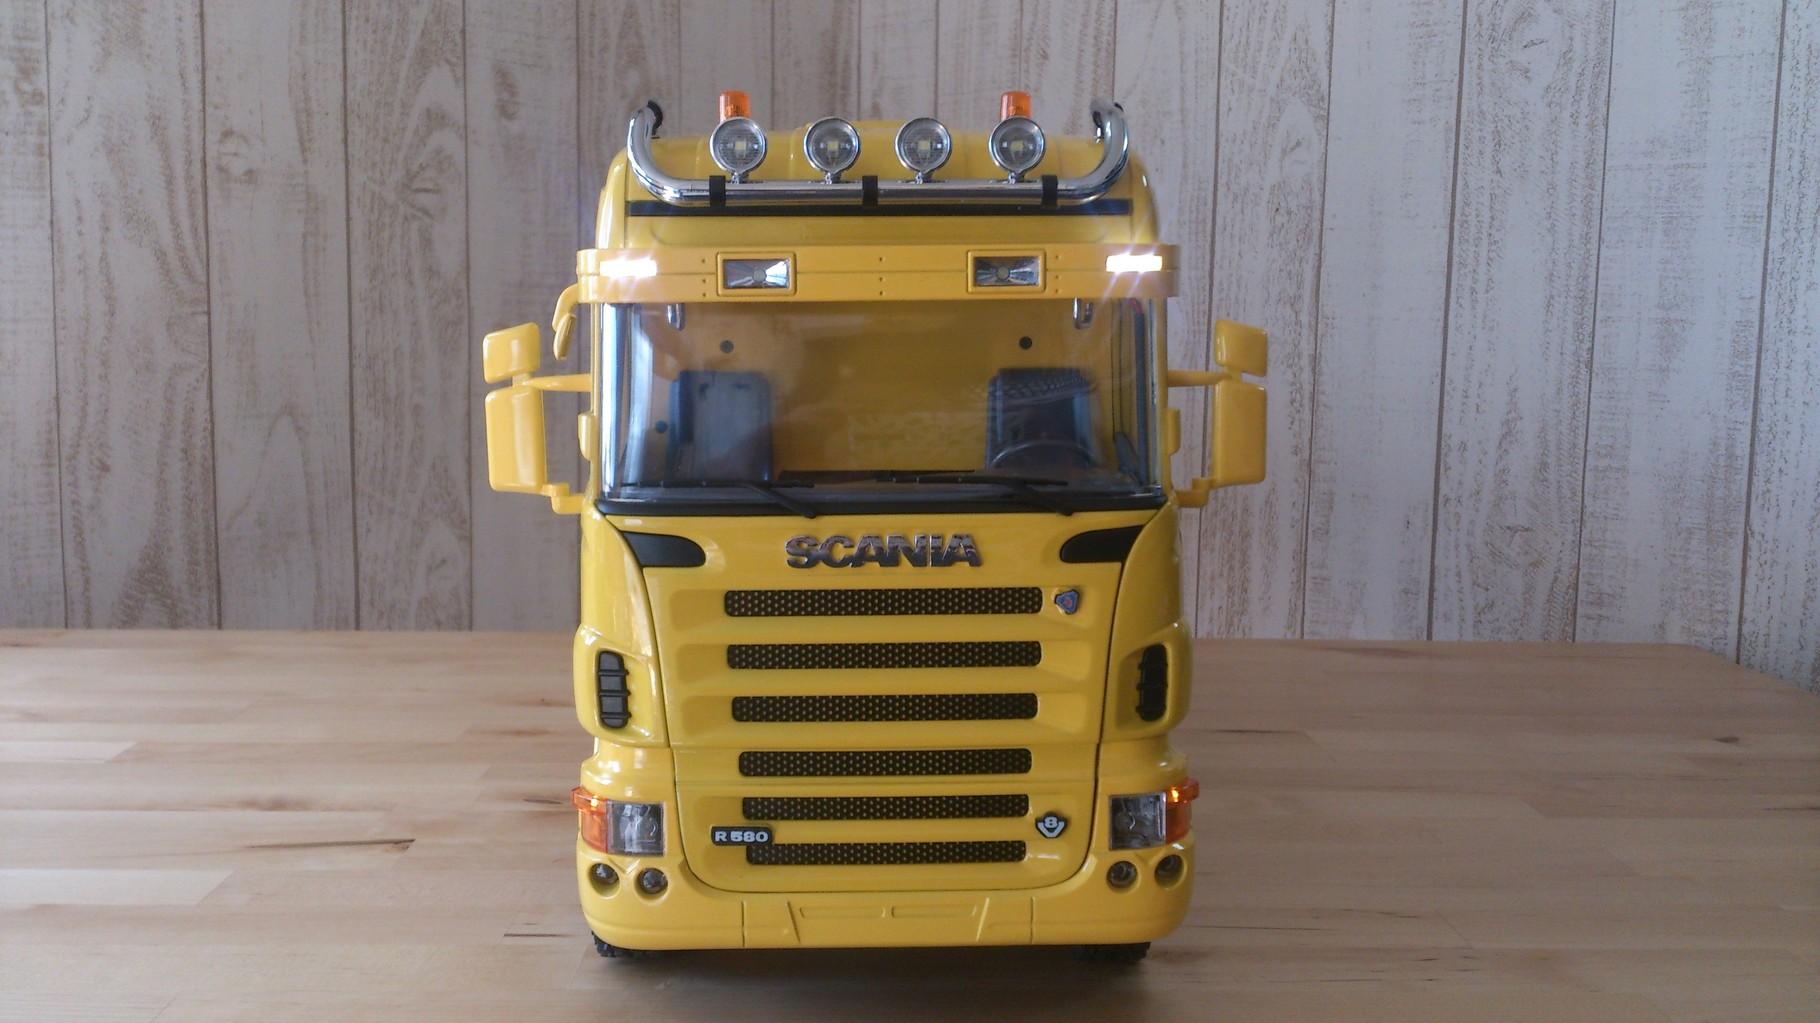 スカニア4軸3転ダンプトラック_サンブラインドのタウンライト点灯